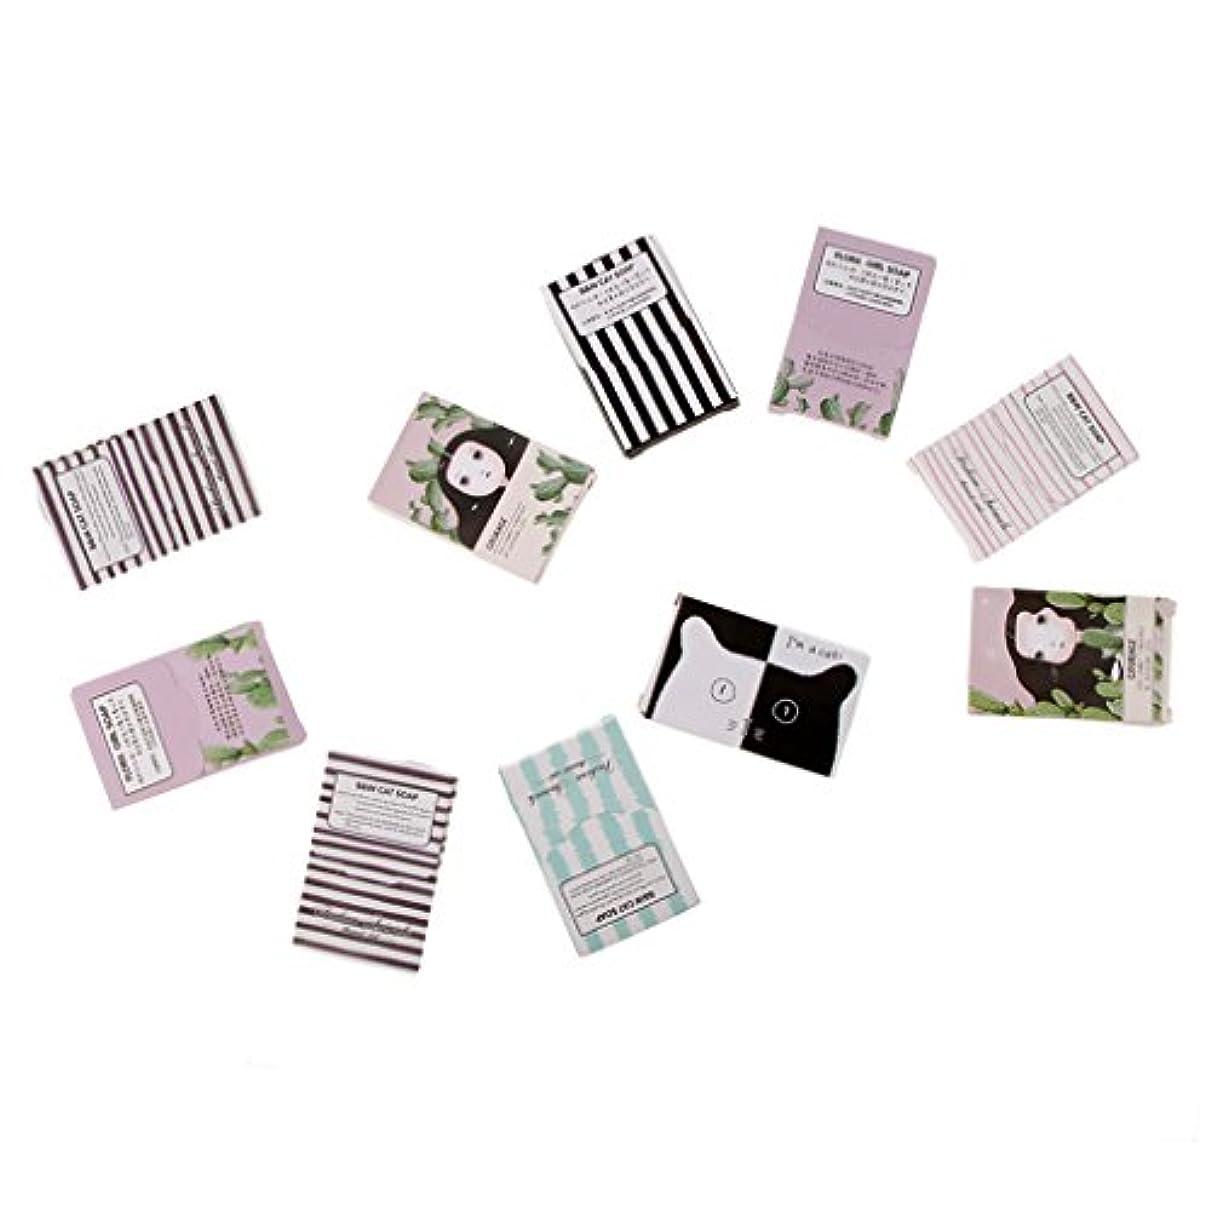 リダクターポット毛細血管石鹸シート 手洗い 石鹸 フレーク キャンプ アウトドア 旅行小物 便利 約150枚